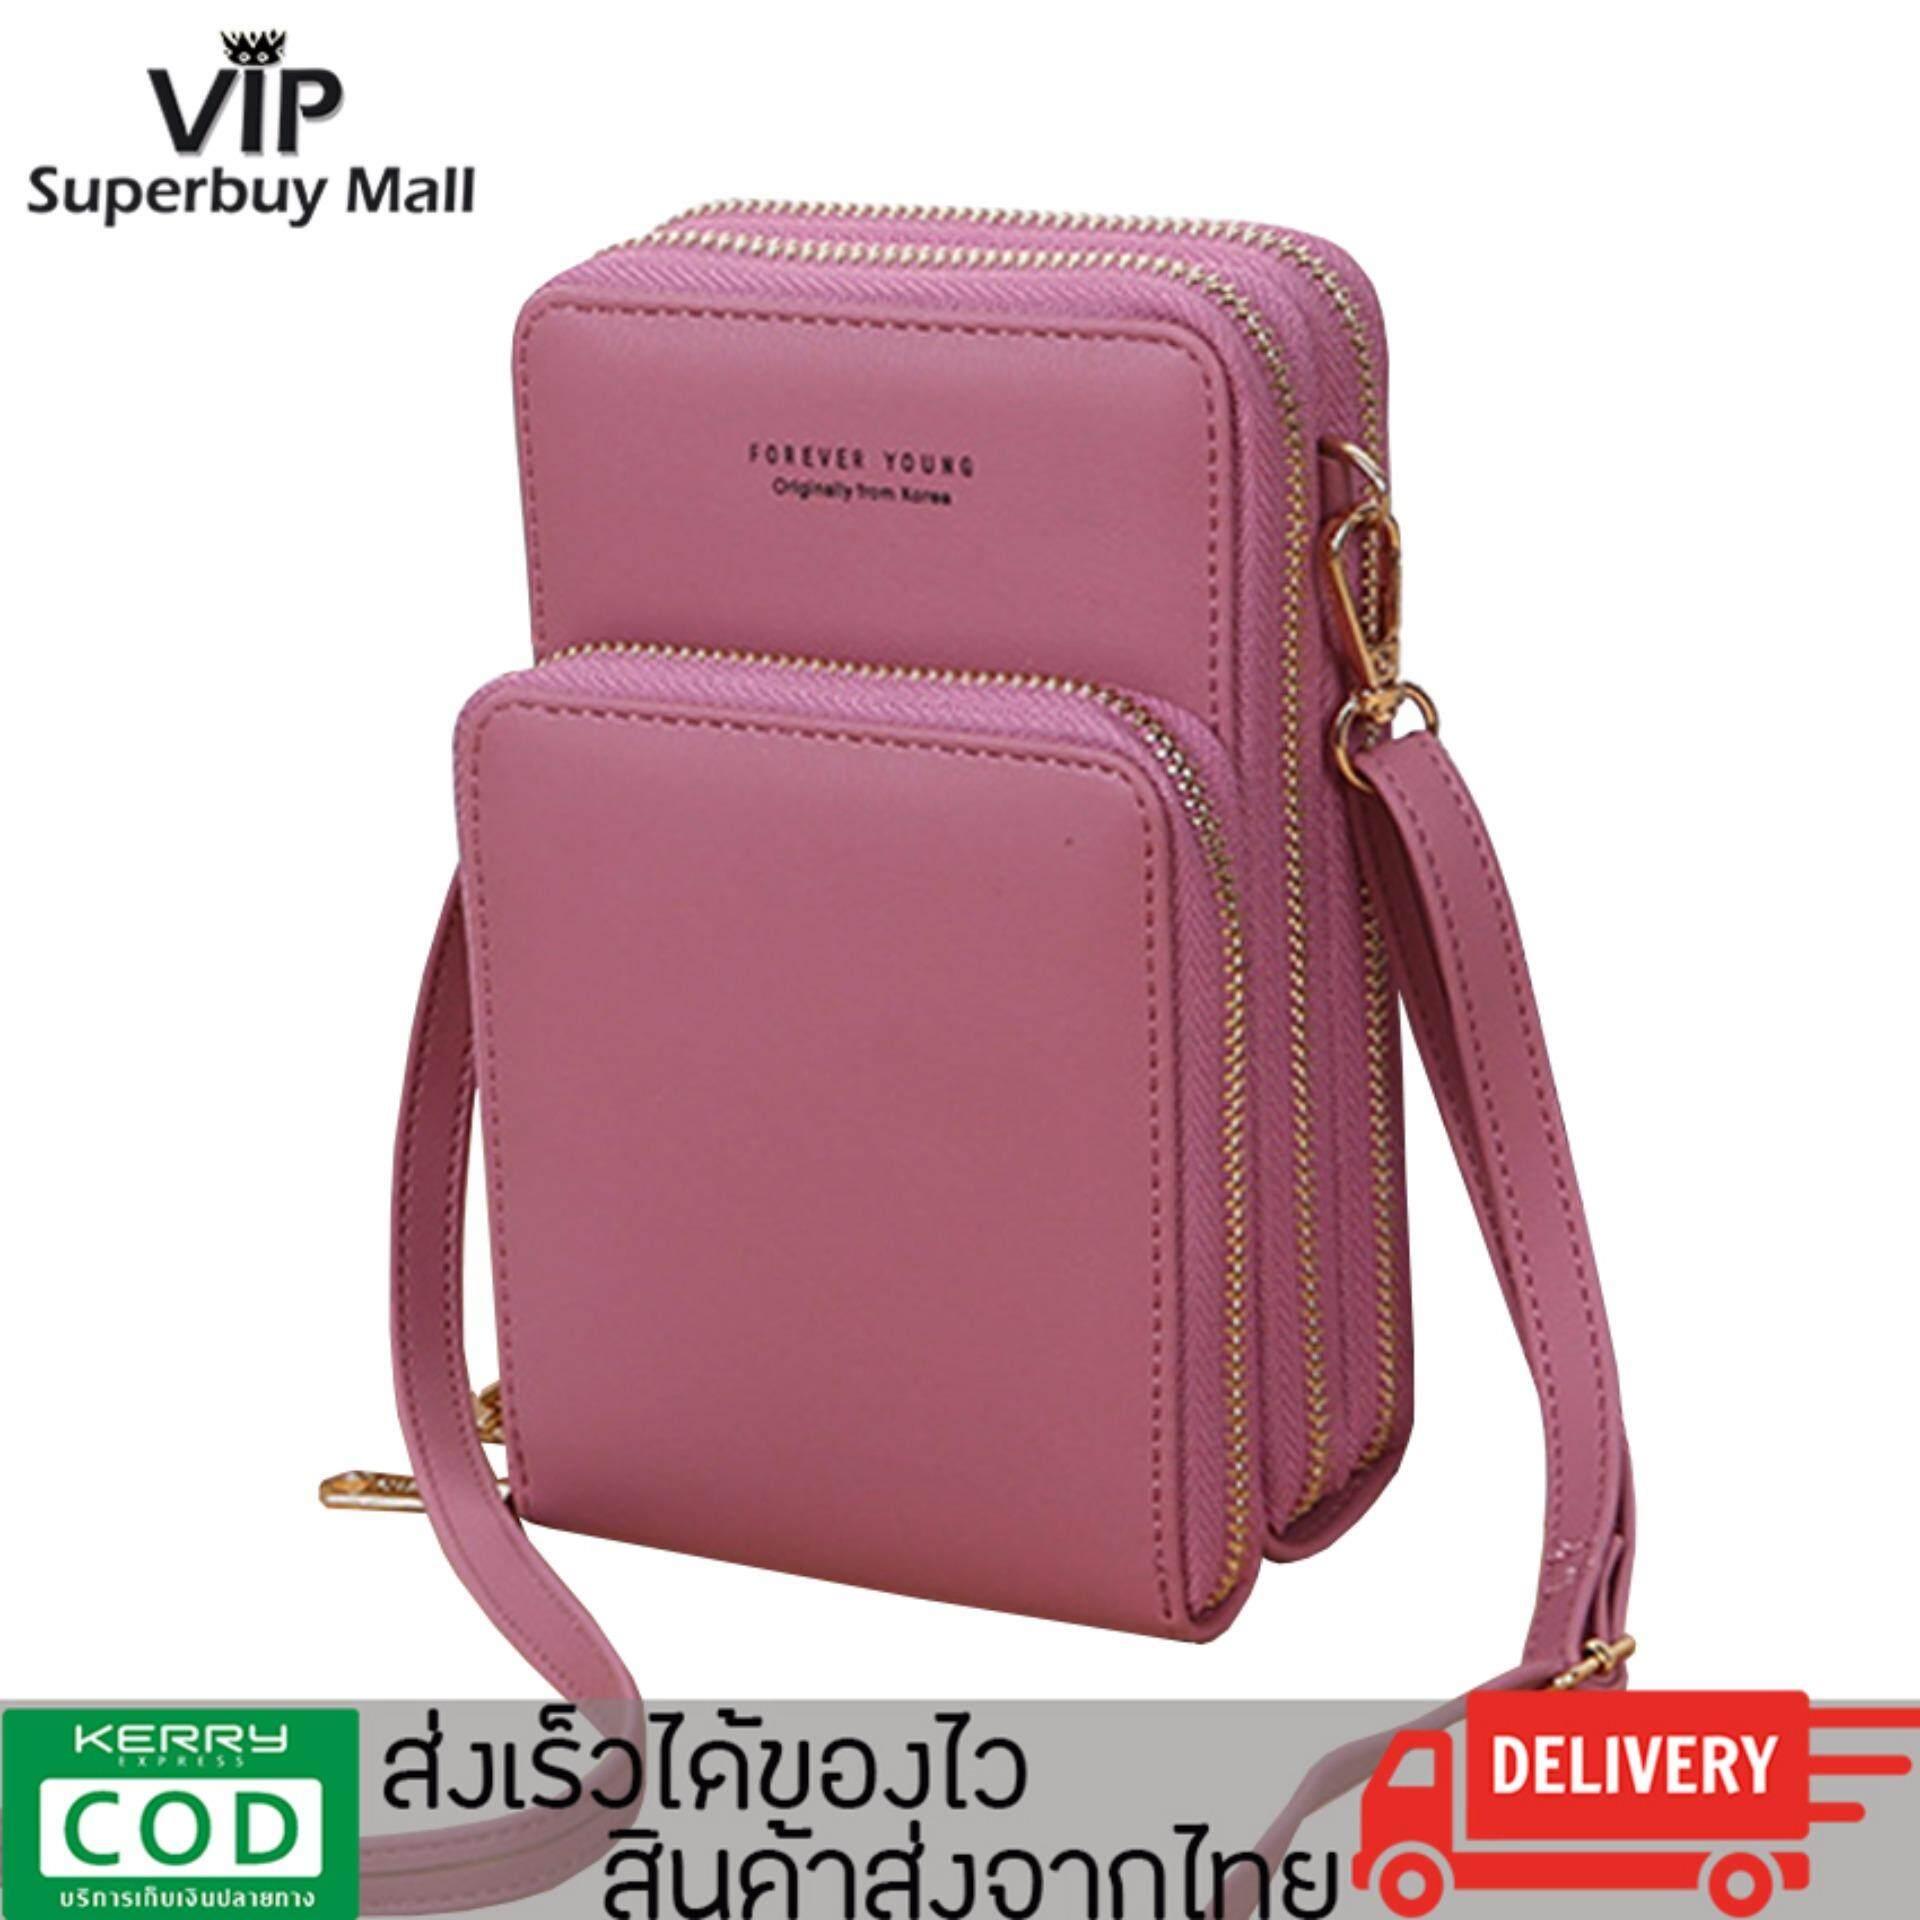 นครราชสีมา VIP Superbuy Mall พร้อมส่ง กระเป๋าสะพายข้างแฟชั่น ปรับความยาวสายได้ หนังพียูเกรดพรีเมียม รุ่น LN 044